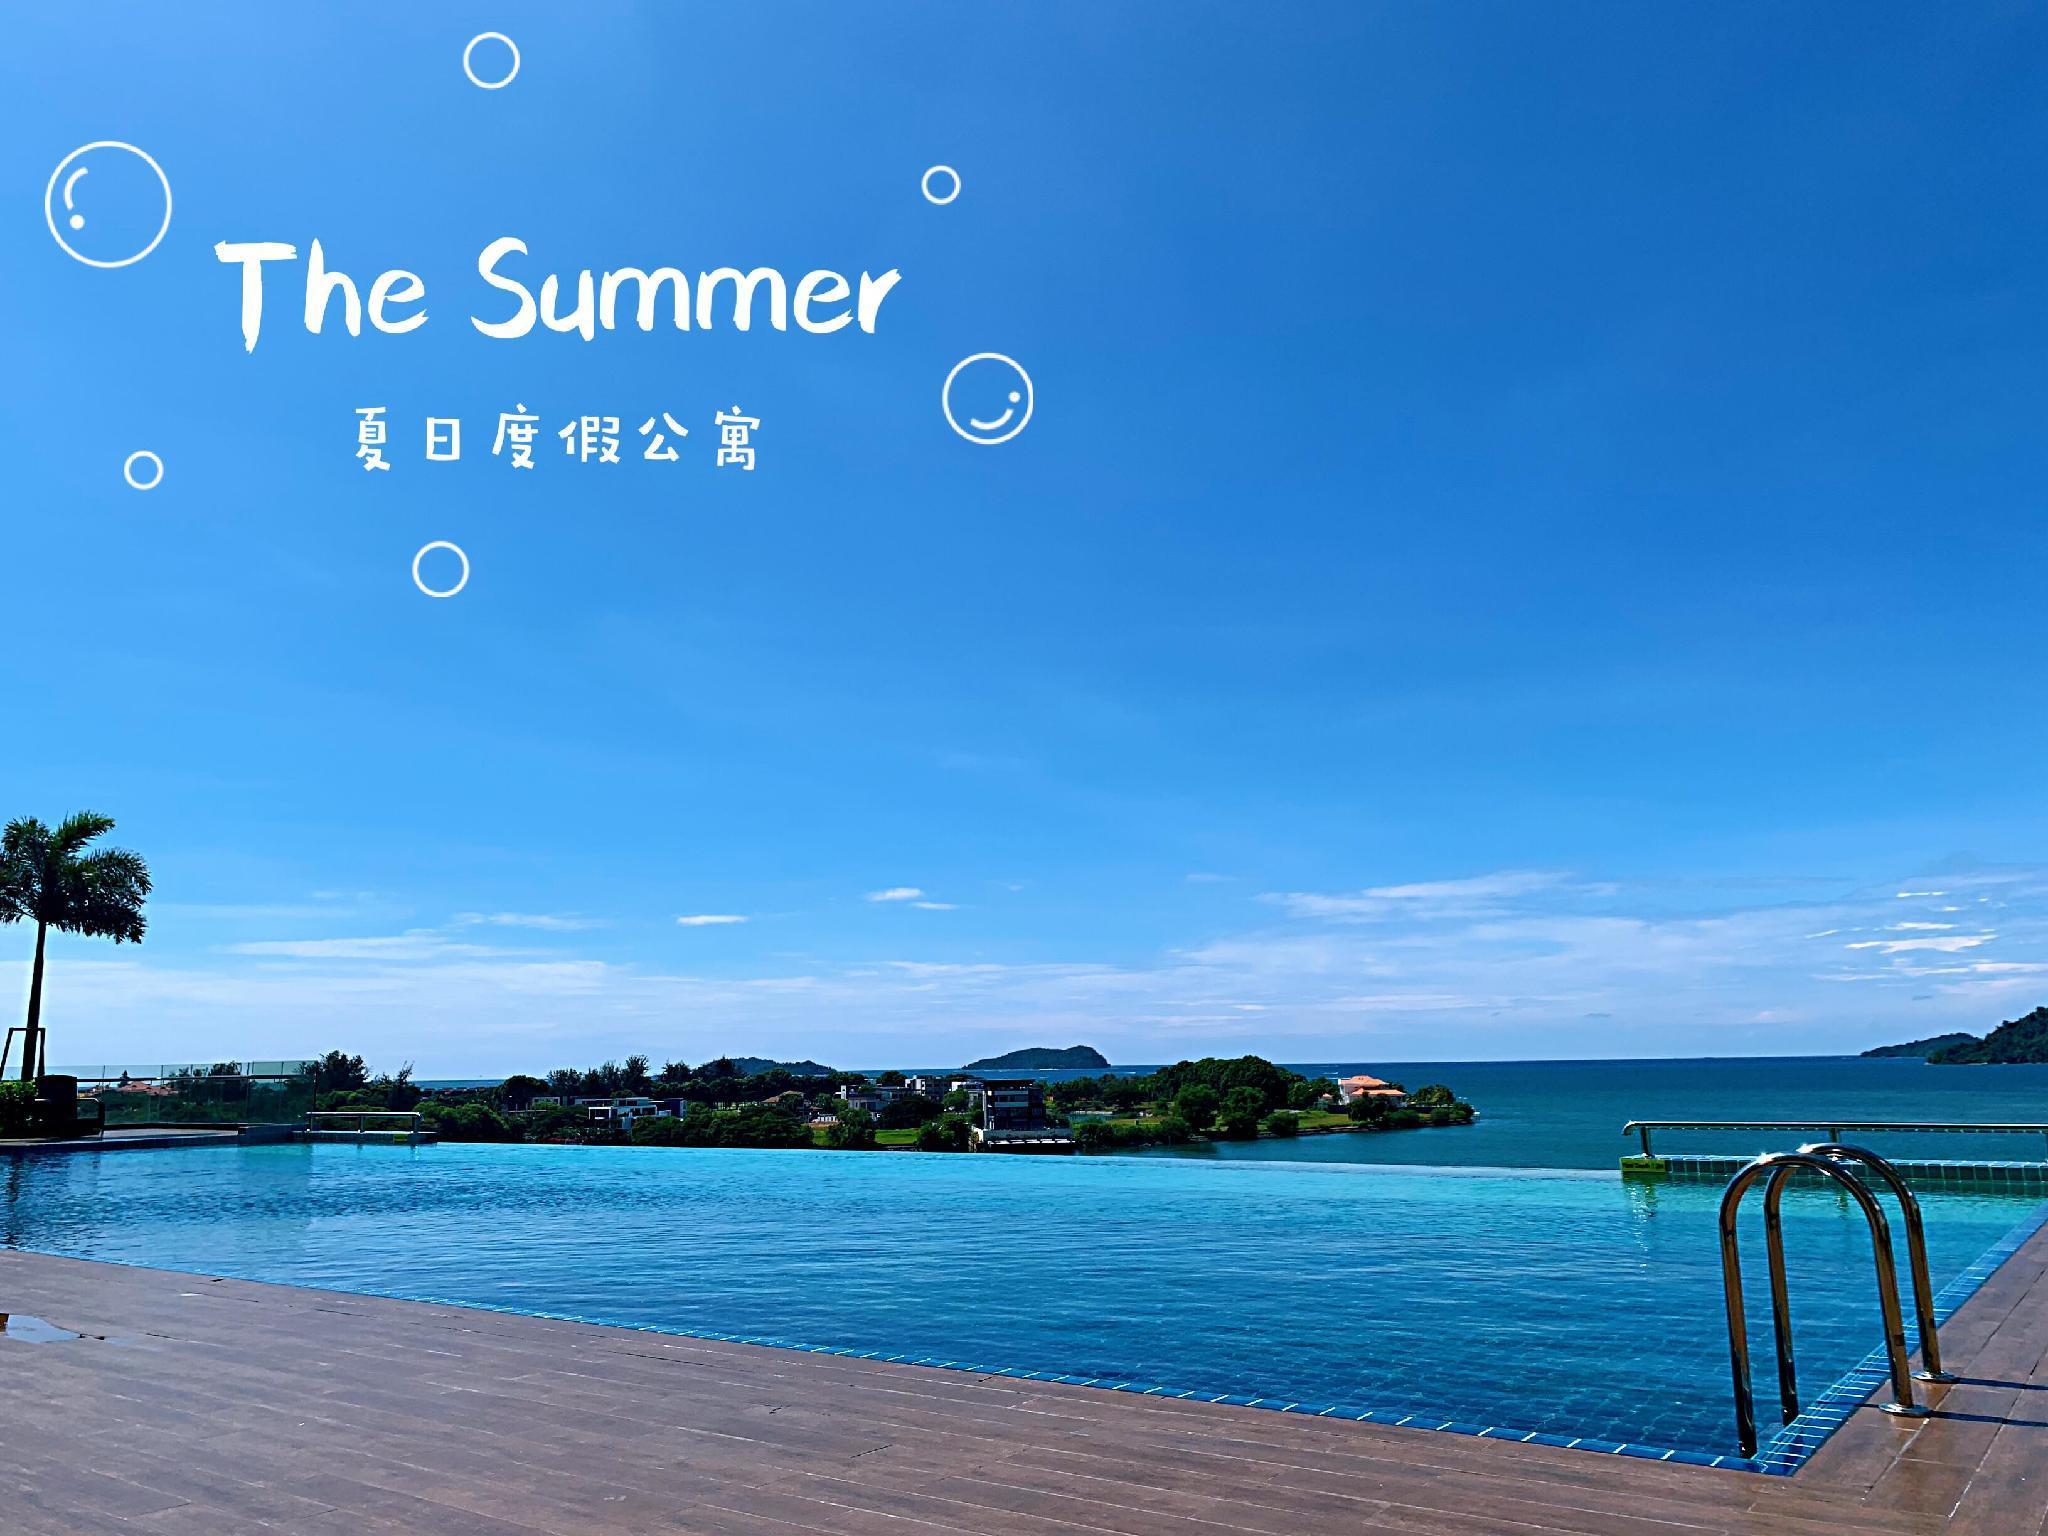 The Summer SOHO @ Oceanus